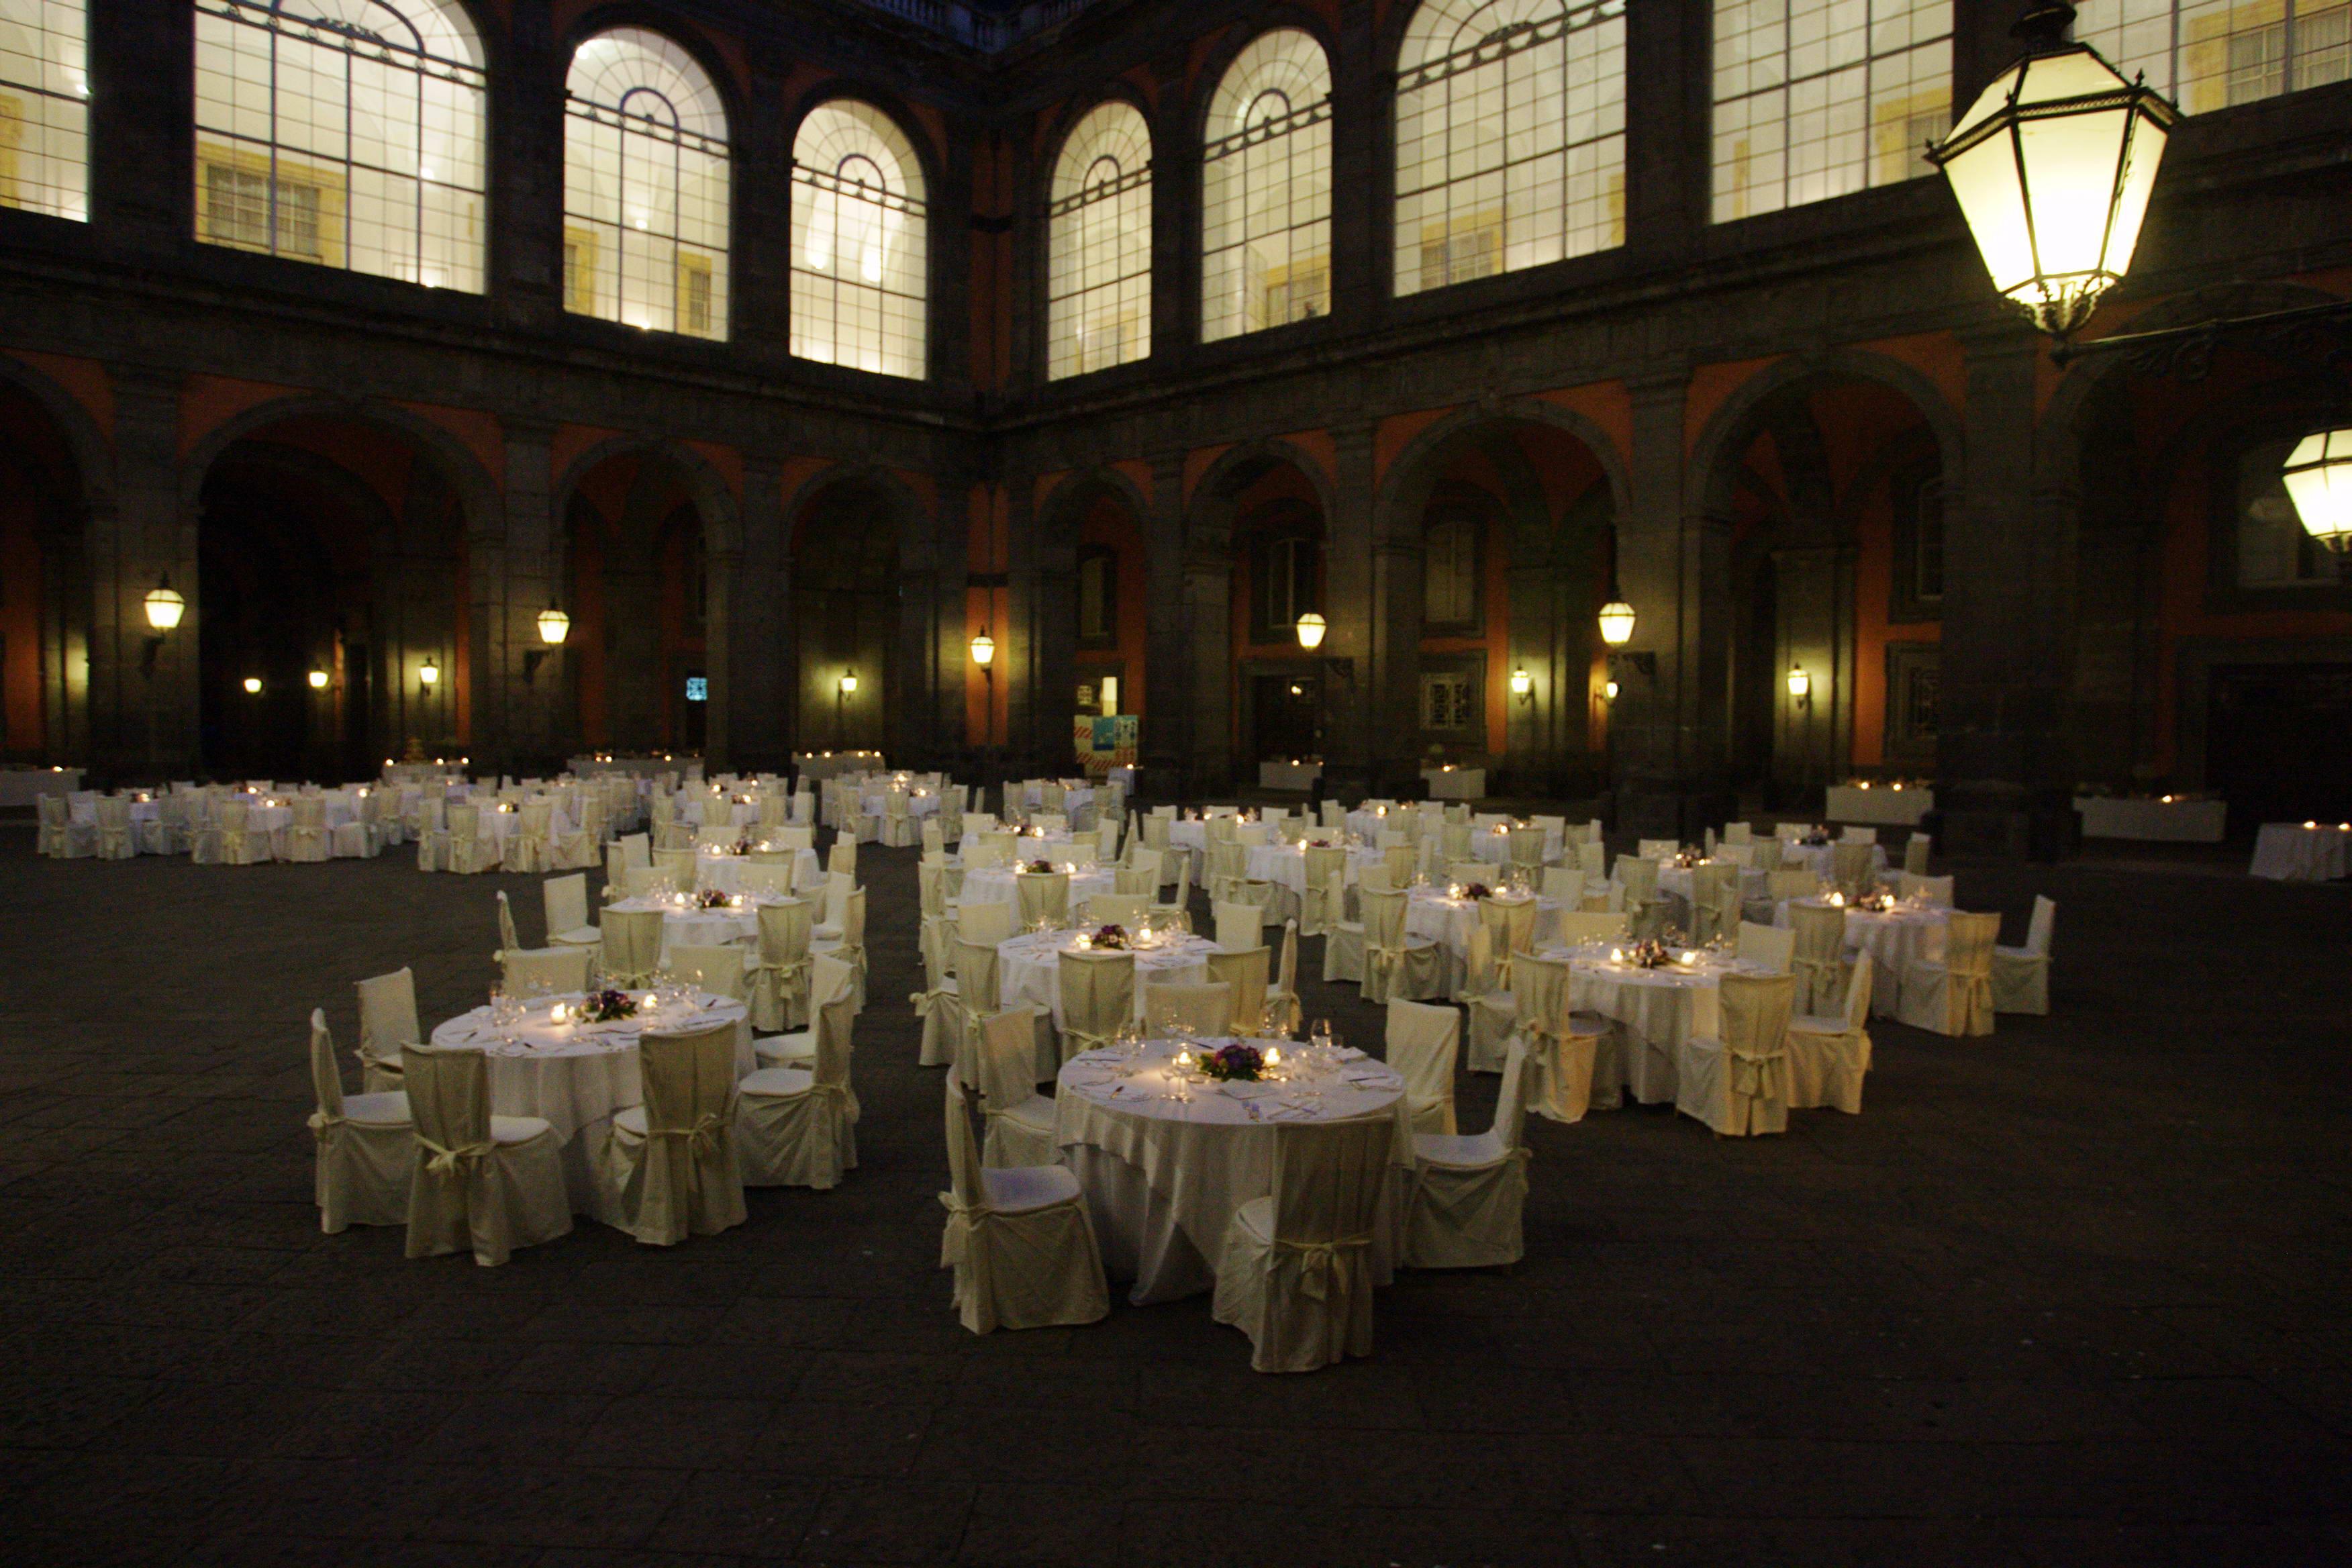 palazzo reale congresso9